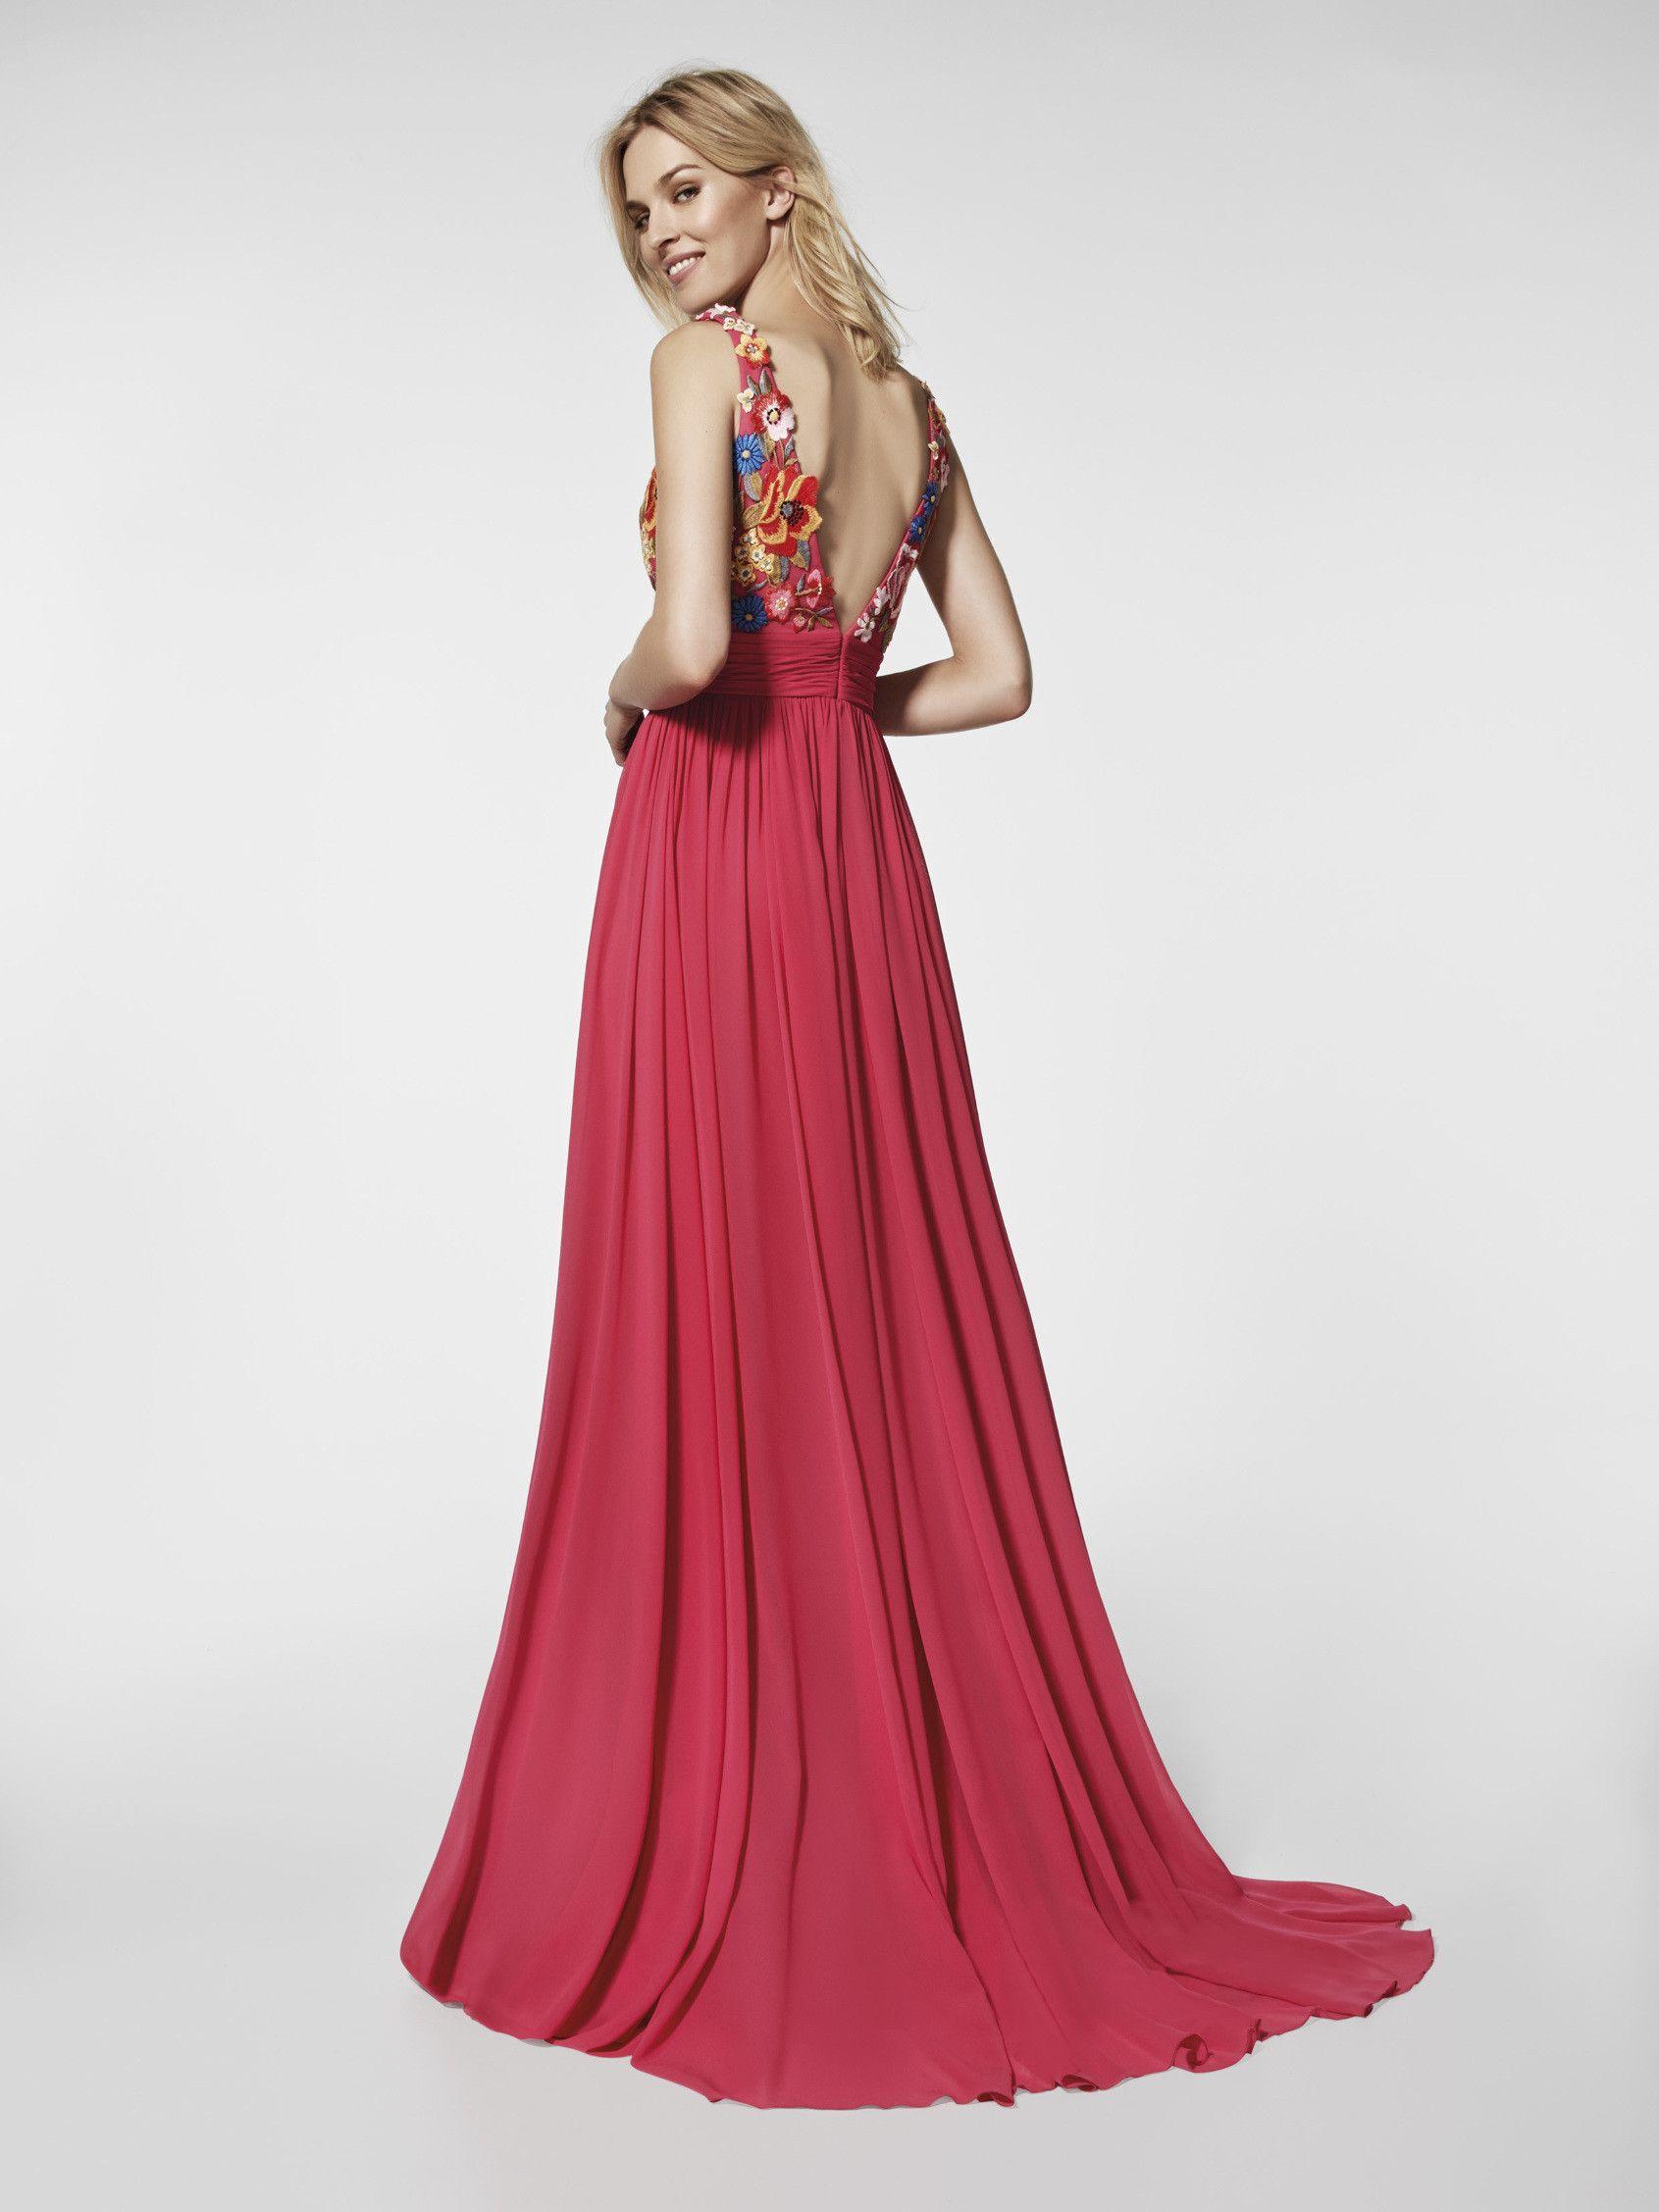 96218e3be Imagen del vestido de fiesta rojo (62035). Vestido GRETEL largo con tirantes